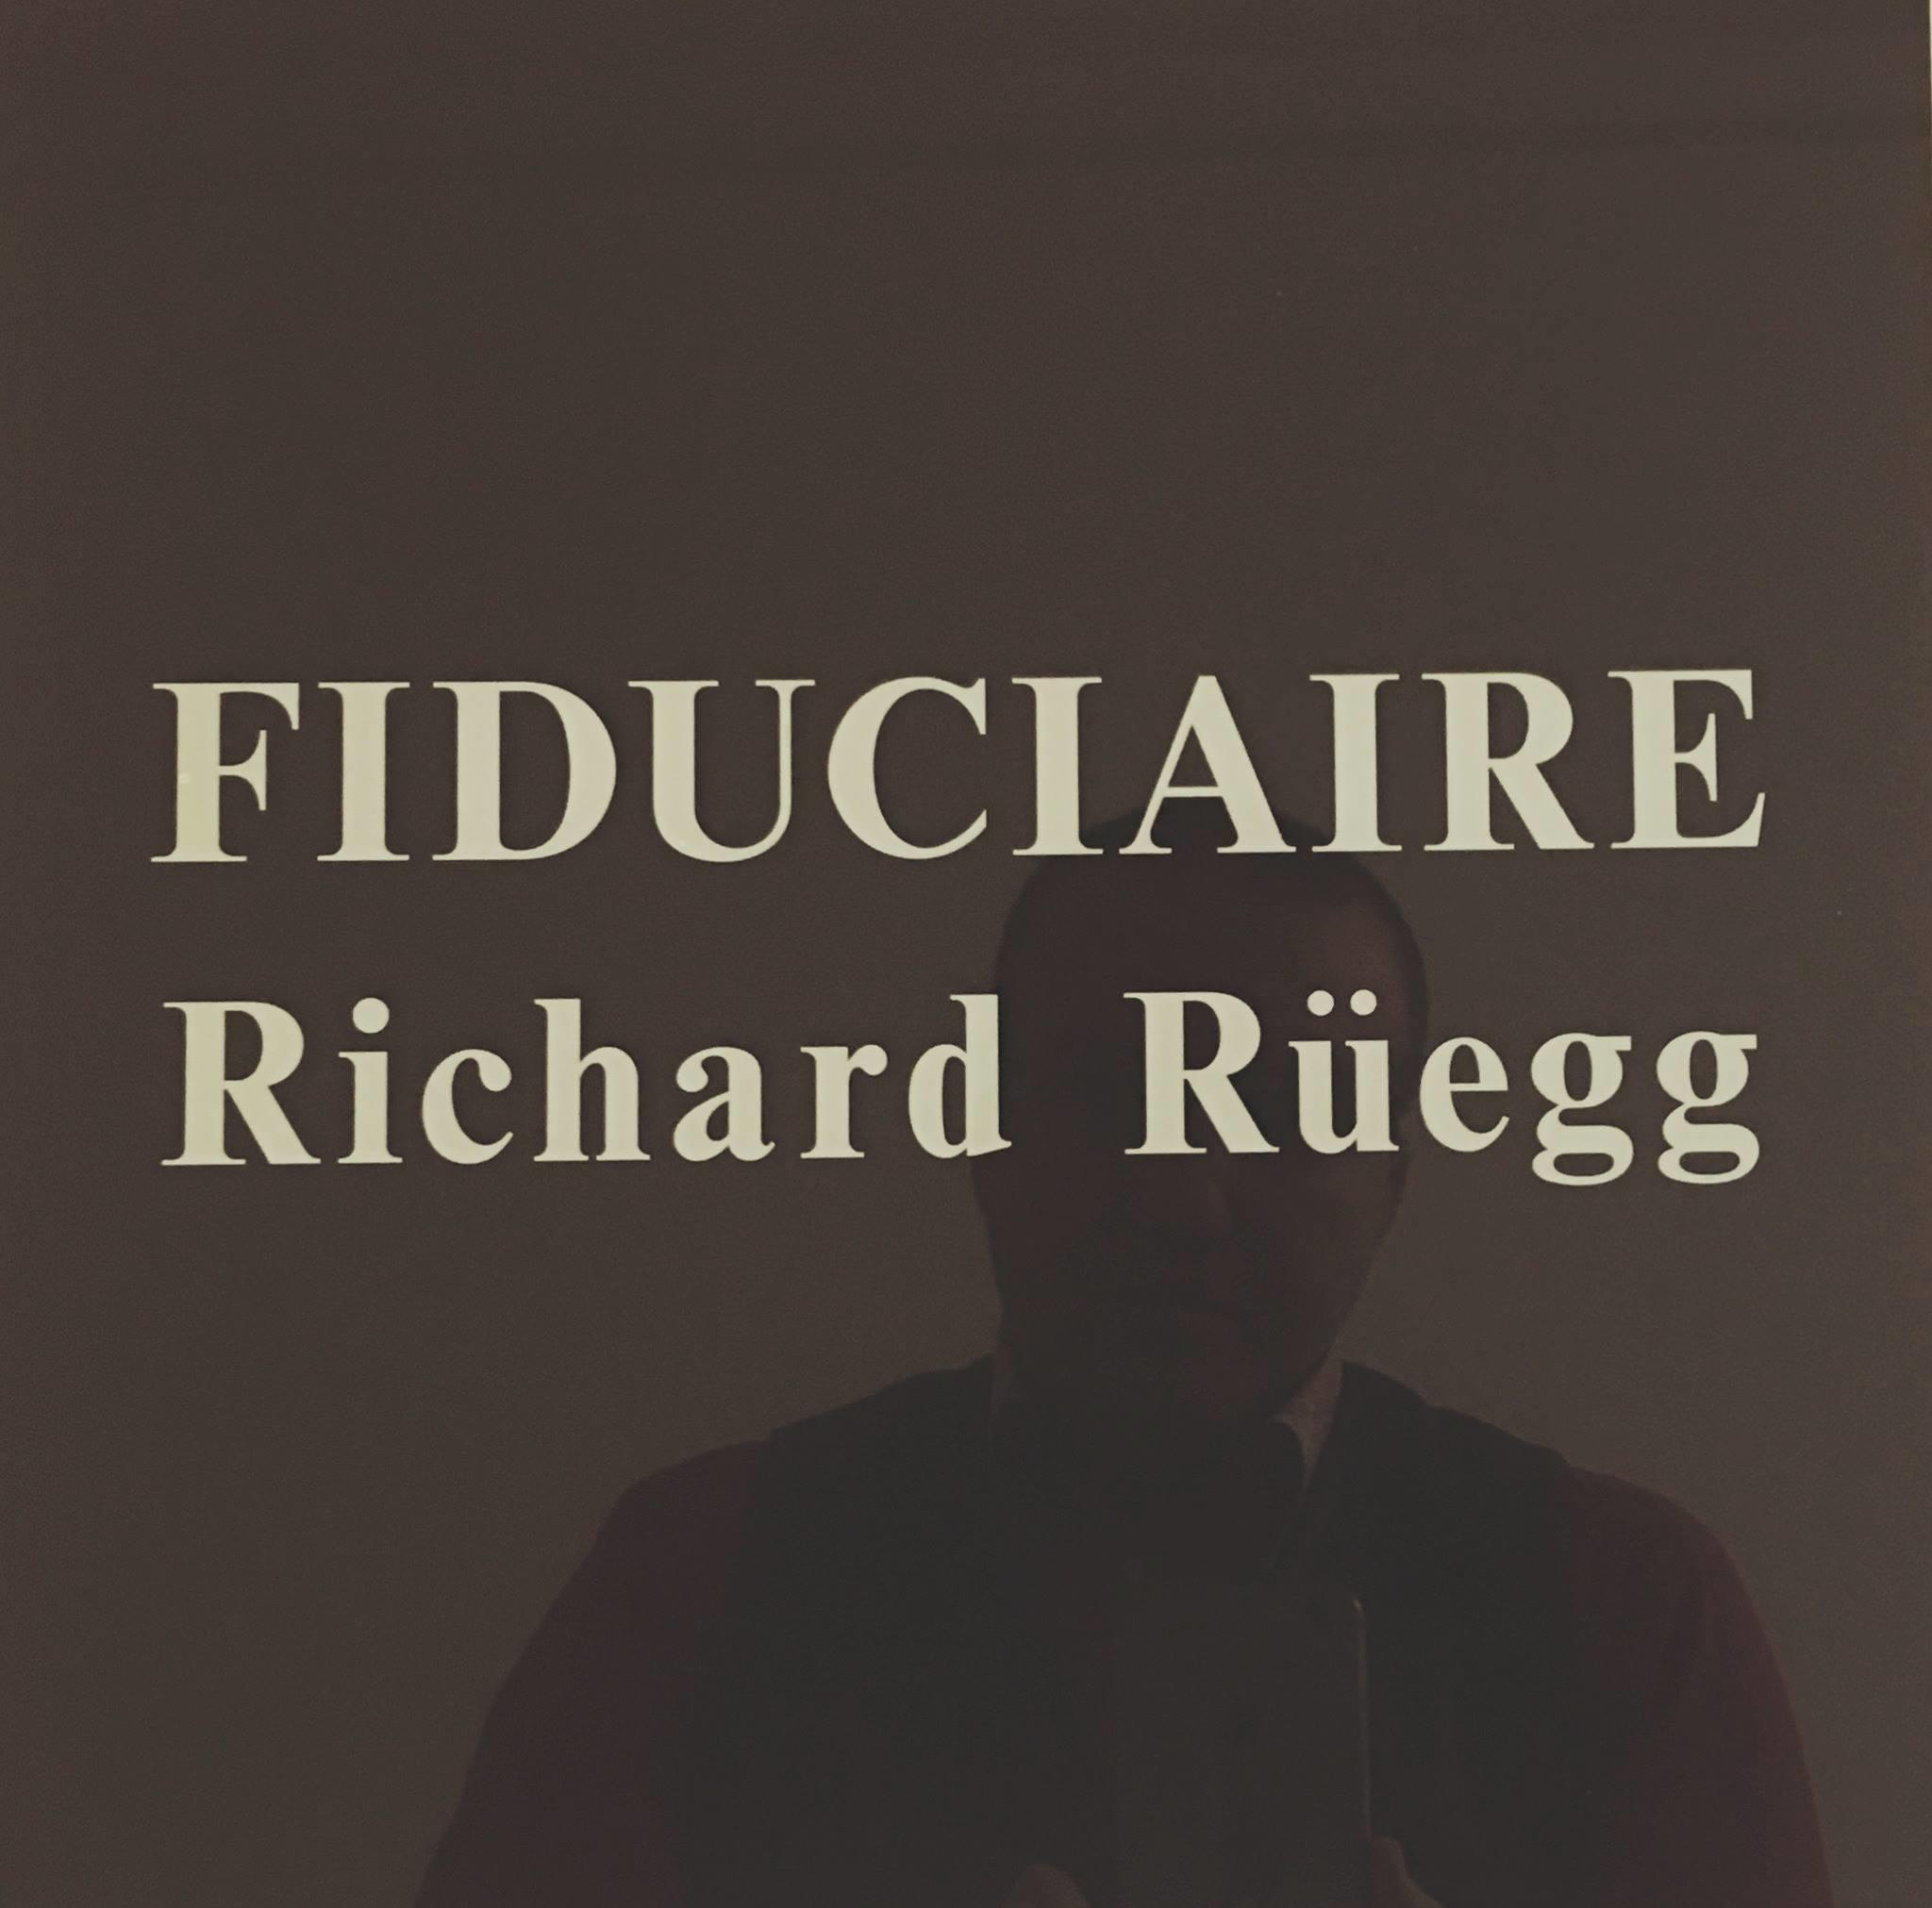 Fiduciaire Richard Rüegg Sàrl